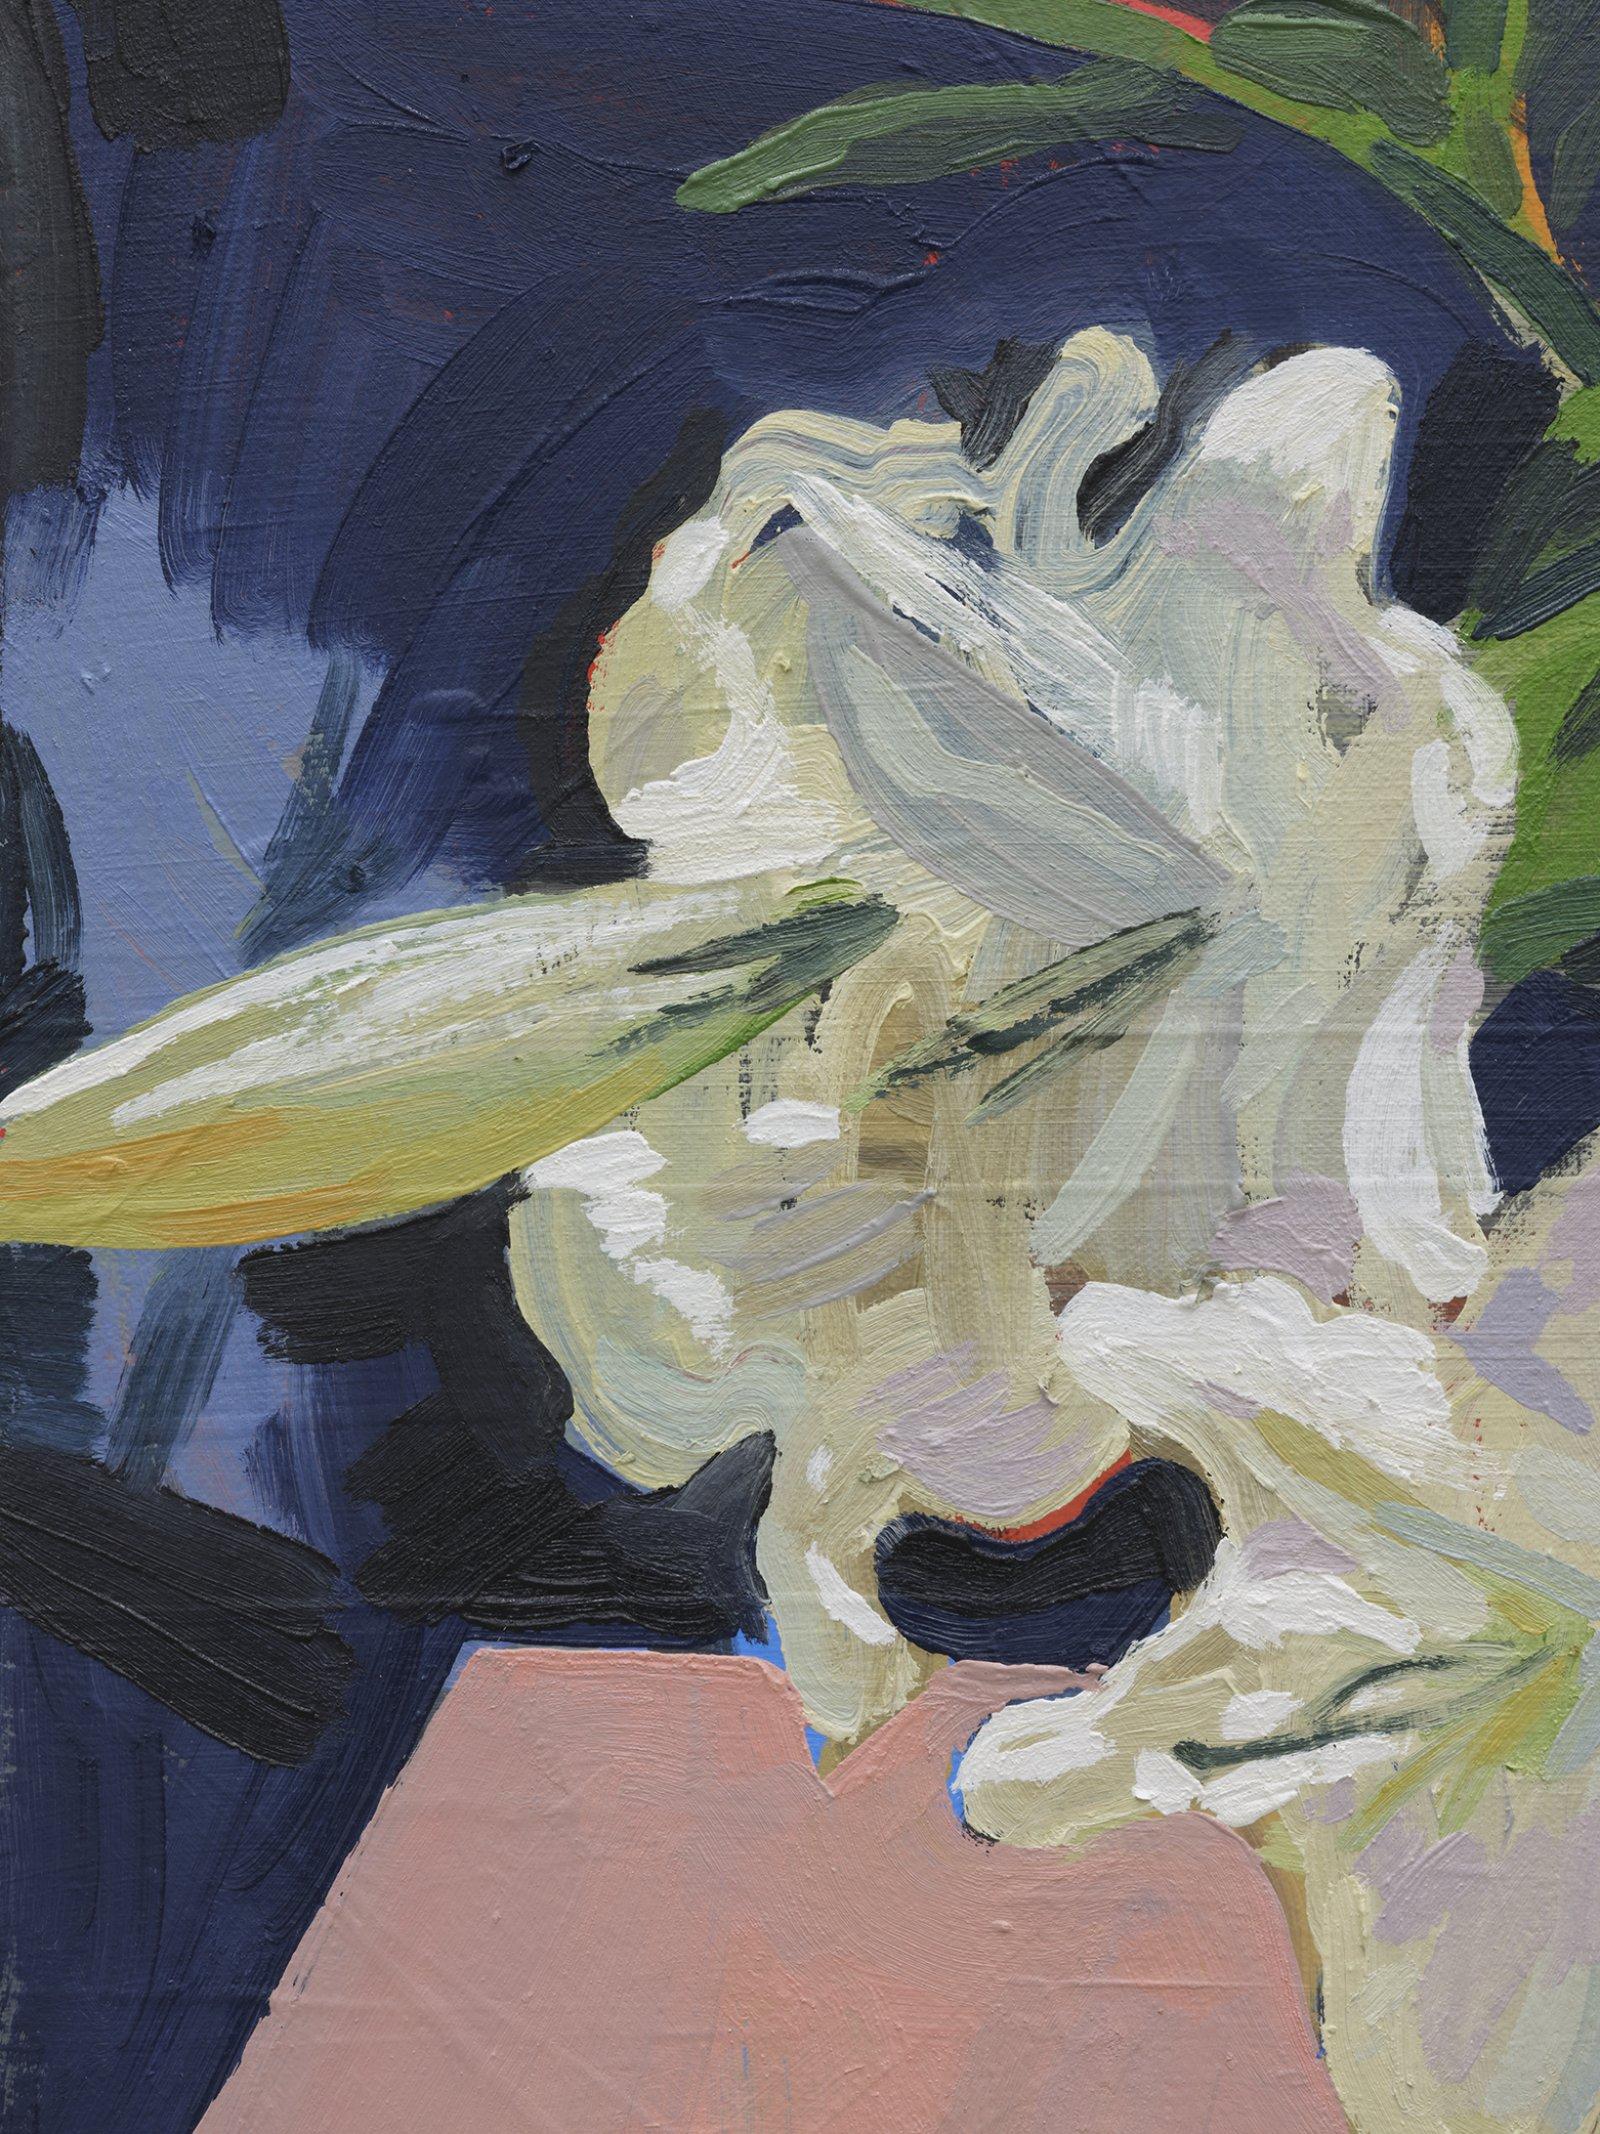 Damian Moppett, Lilies (Pink) (detail), 2020, oil on canvas, 34 x 34 in. (86 x 86 cm) by Damian Moppett